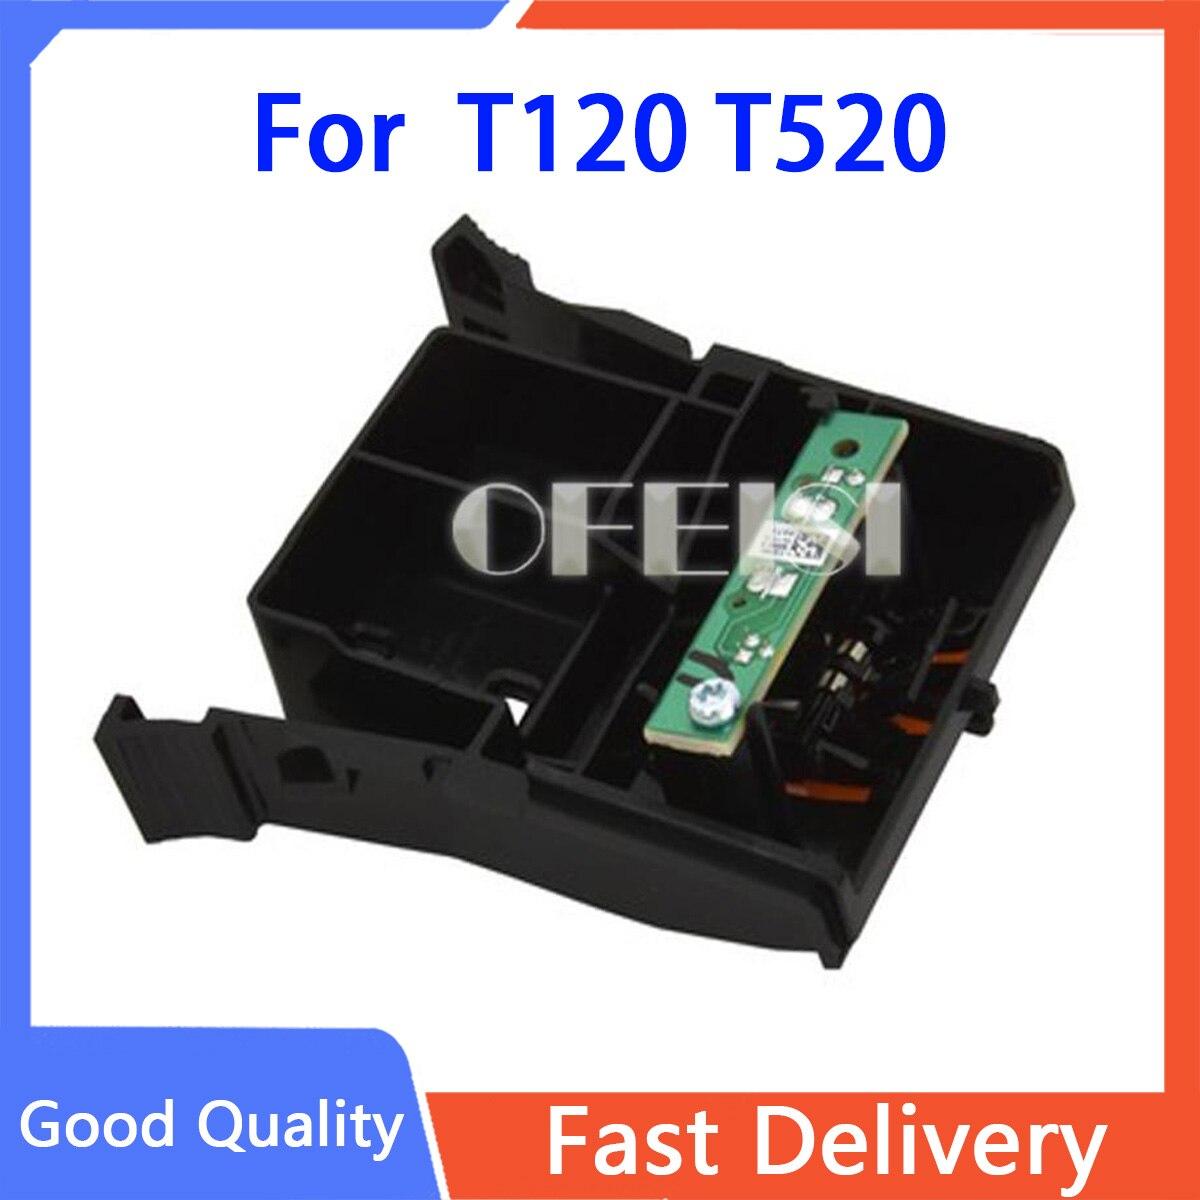 CQ890-67032 CQ890-67076 خارج ورقة الاستشعار عن ديزاين جيت T520 120 OOPS شحن مجاني طابعة أجزاء جهاز رسم بياني